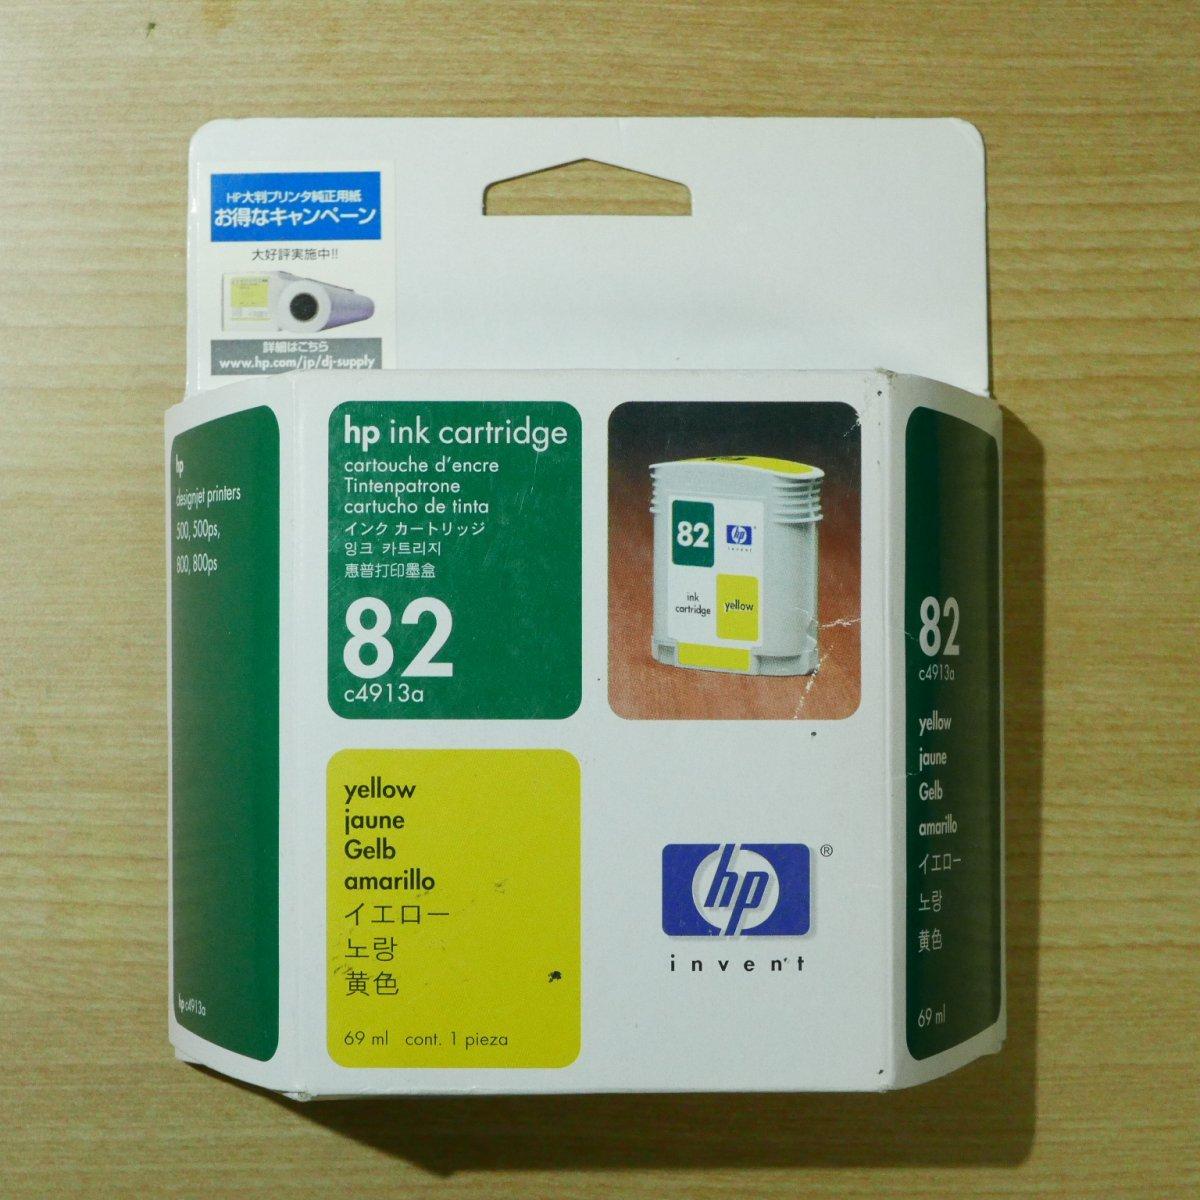 HP82 イエロー yellow HP純正インクカートリッジ (使用期限 2008 JAN)_画像1